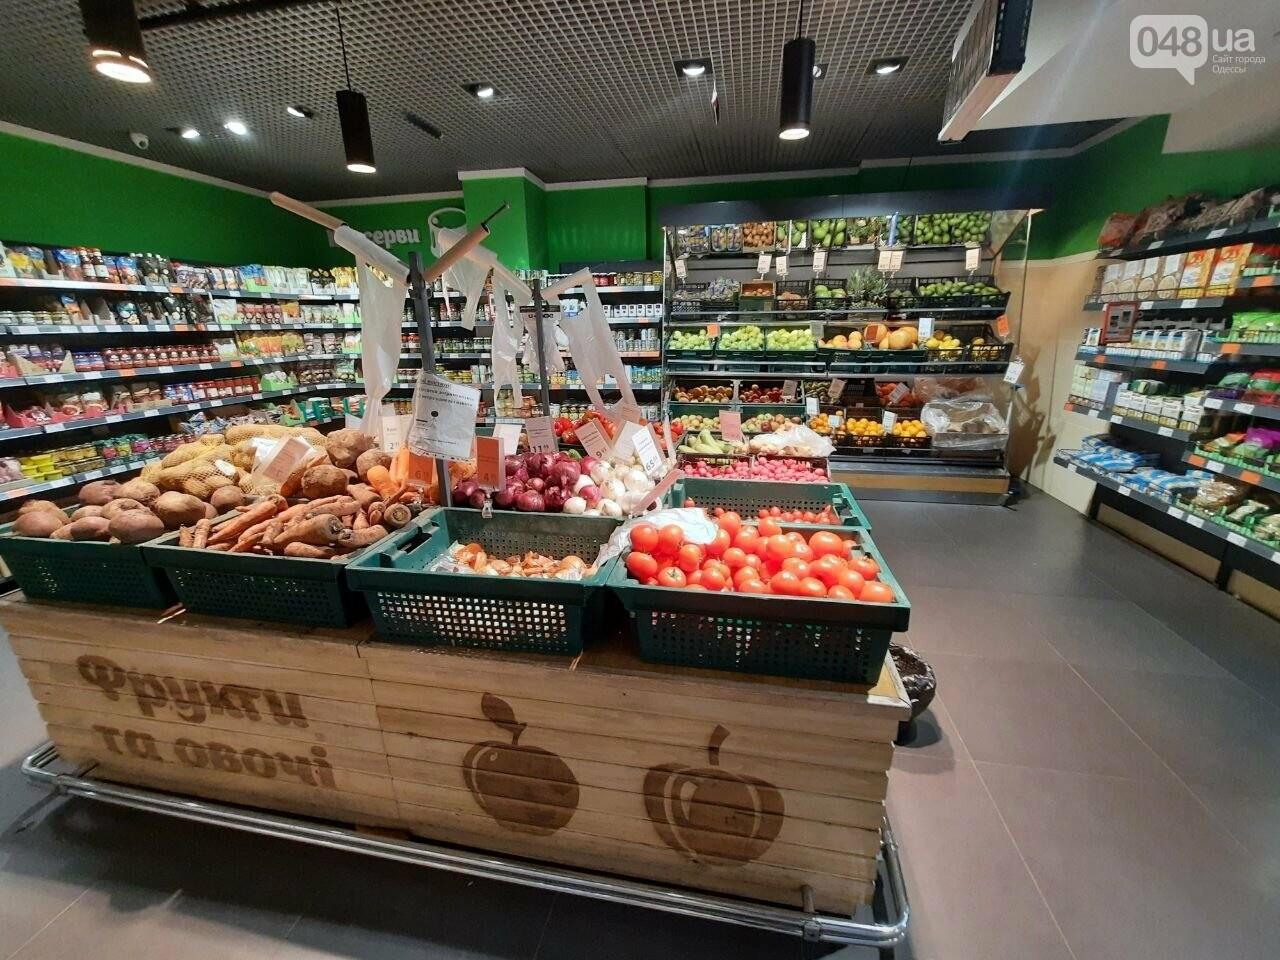 Редиска, помидоры и авокадо: как не переплачивать за покупки в супермаркетах Одессы, - ФОТО, фото-1